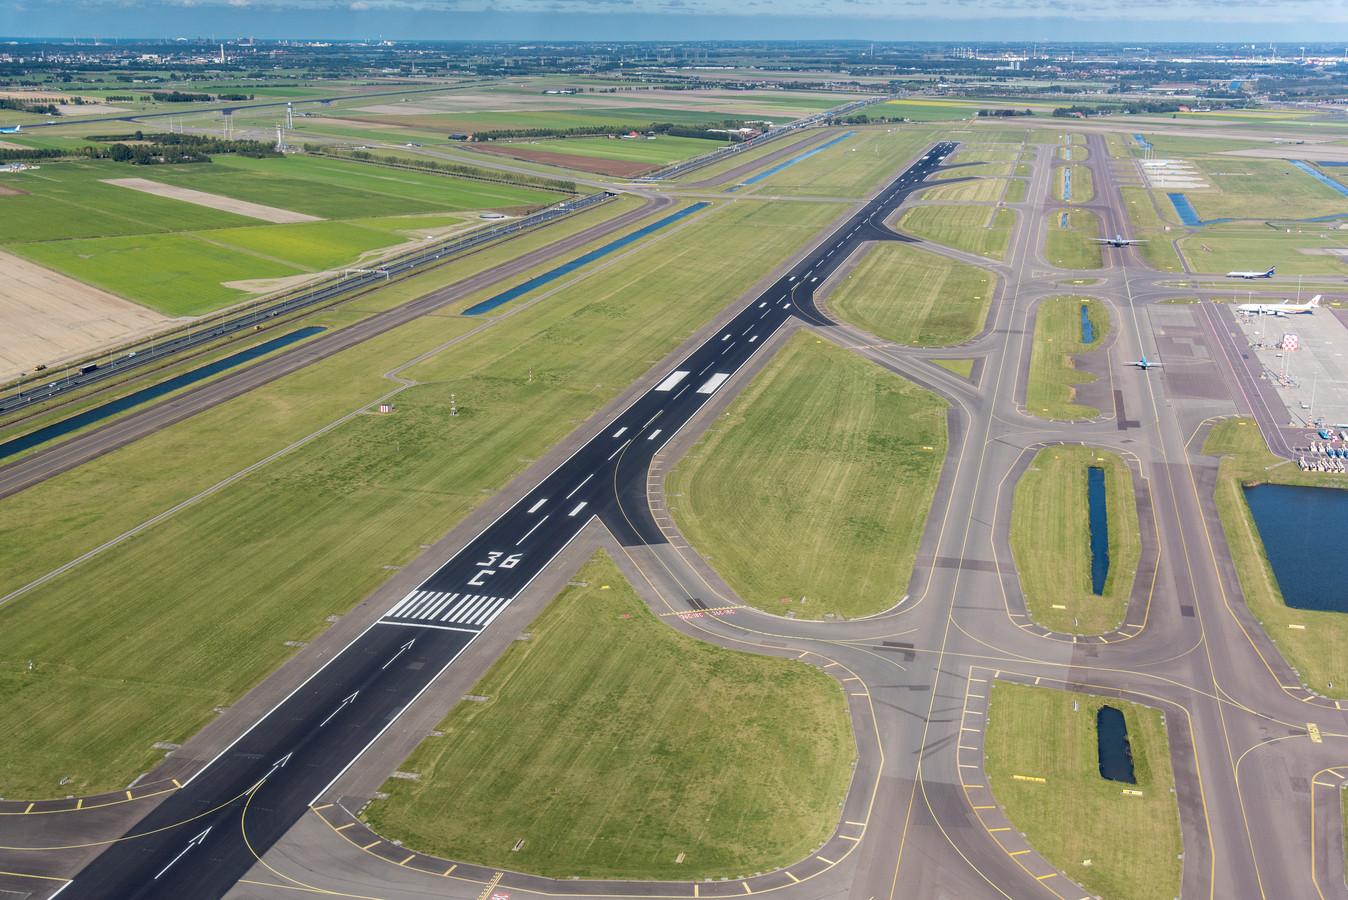 De Zwanenburgbaan van luchthaven Schiphol.